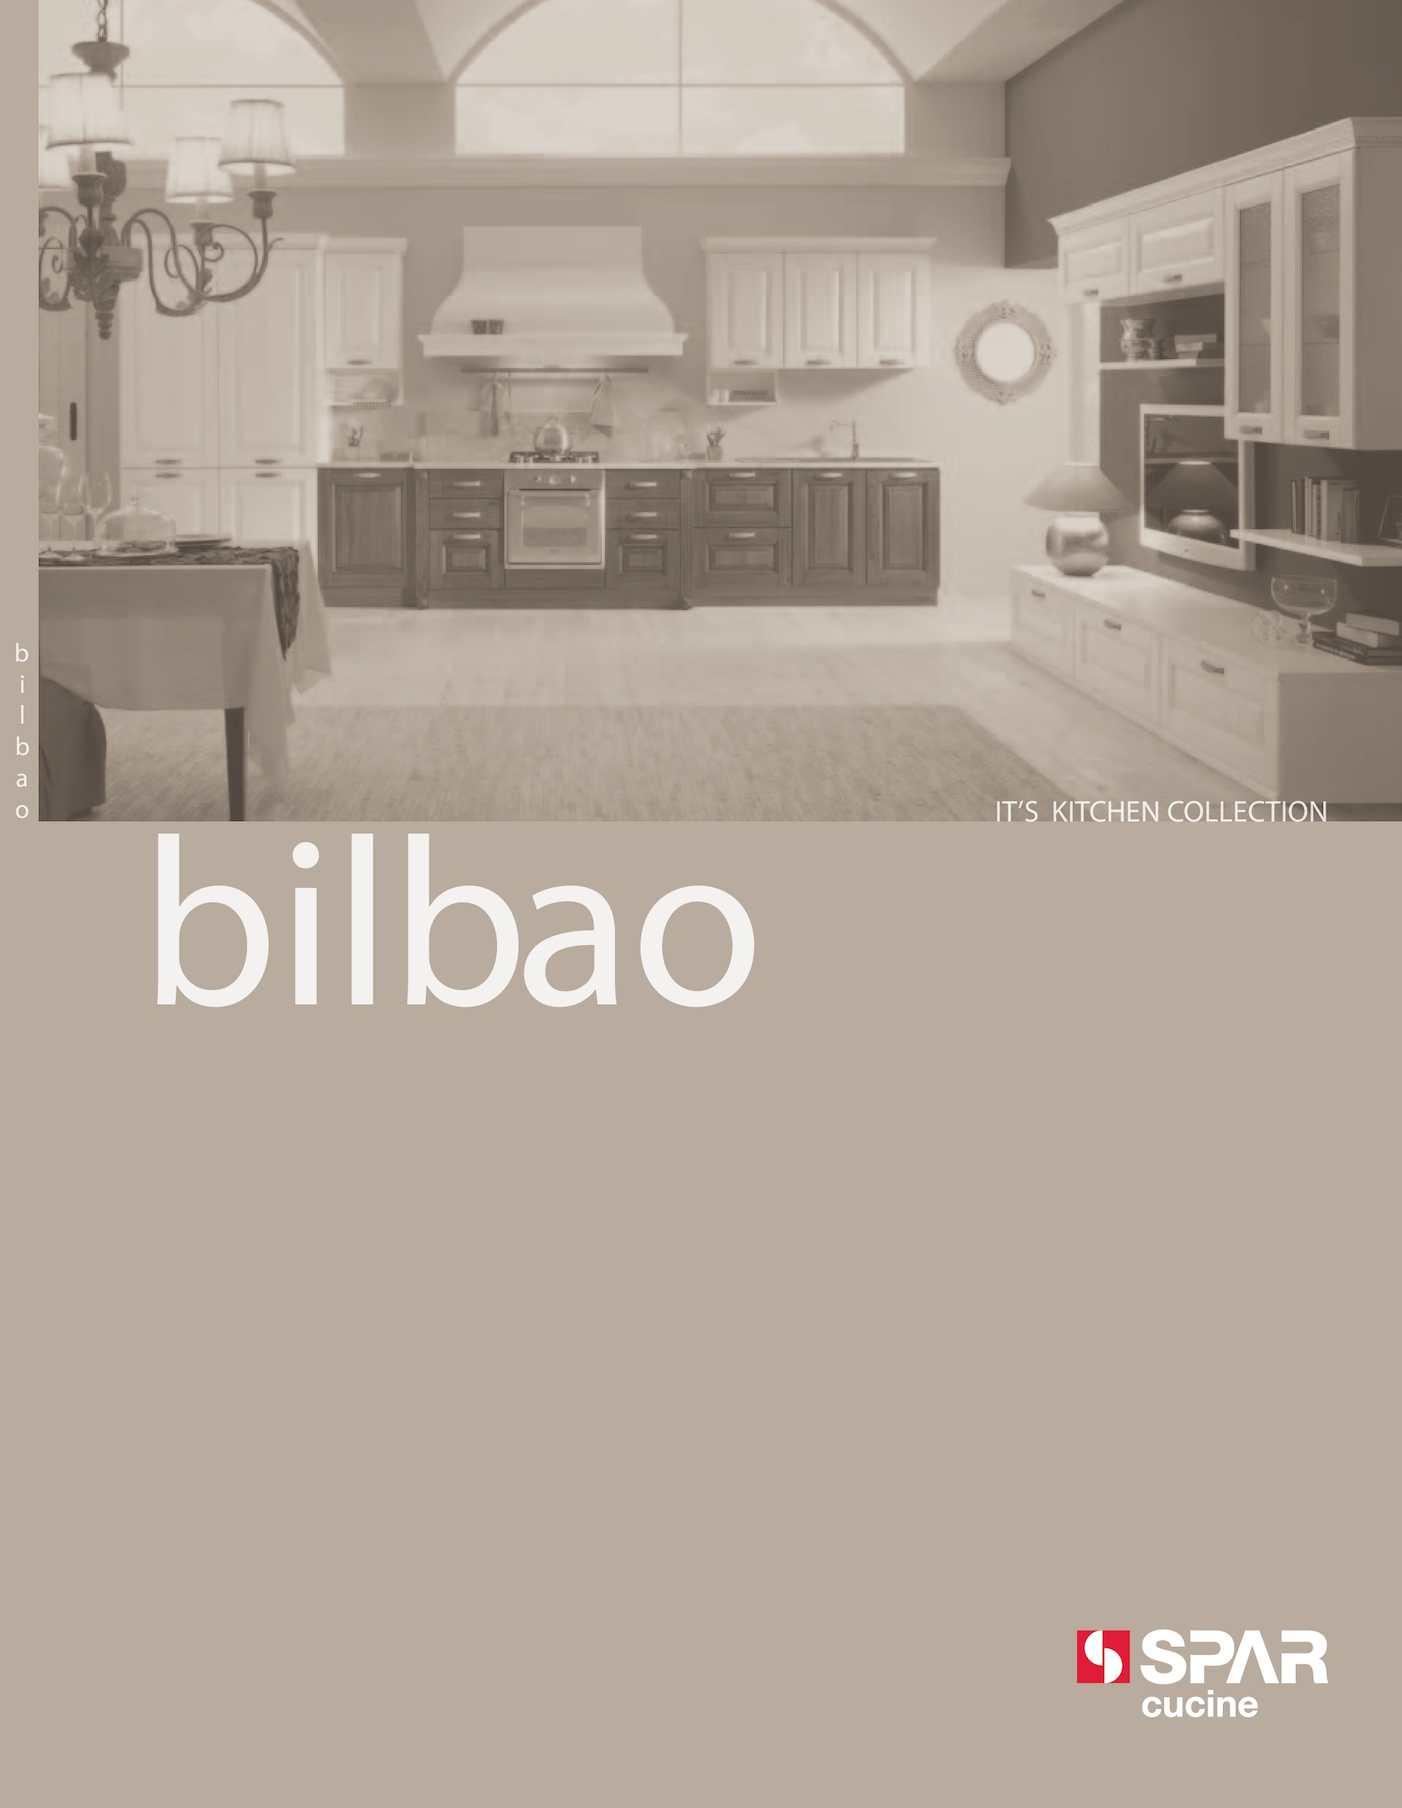 Tavoli E Sedie Spar.Calameo Spar Cucine Bilbao Classico